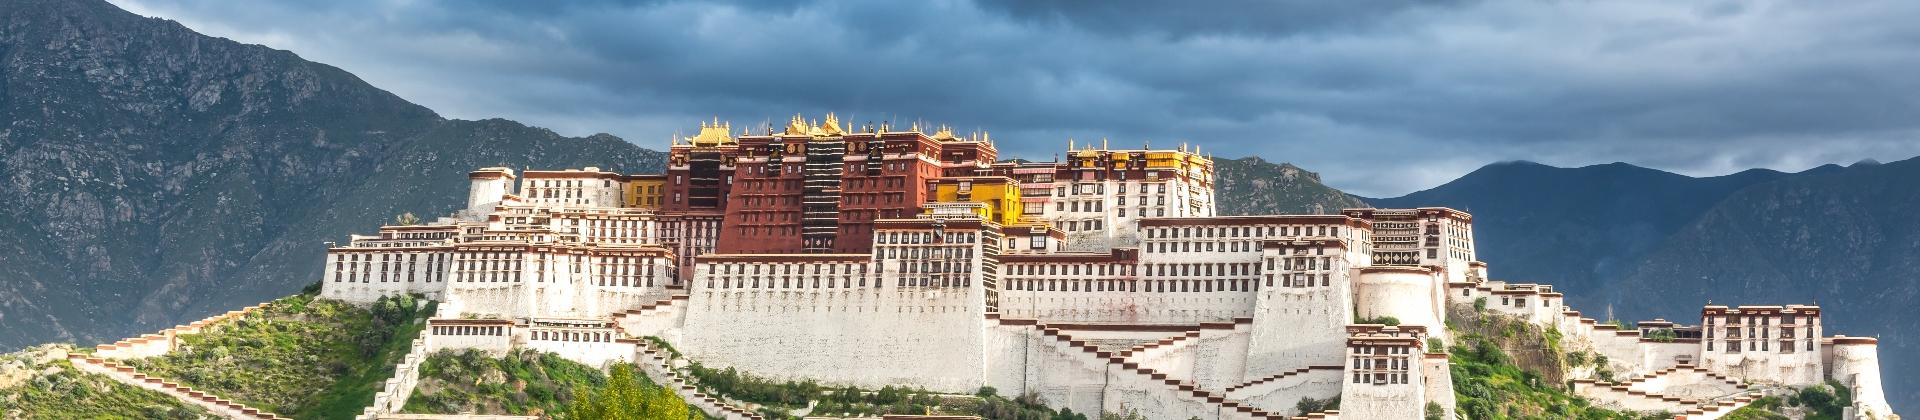 Donkere wolken boven Tibet